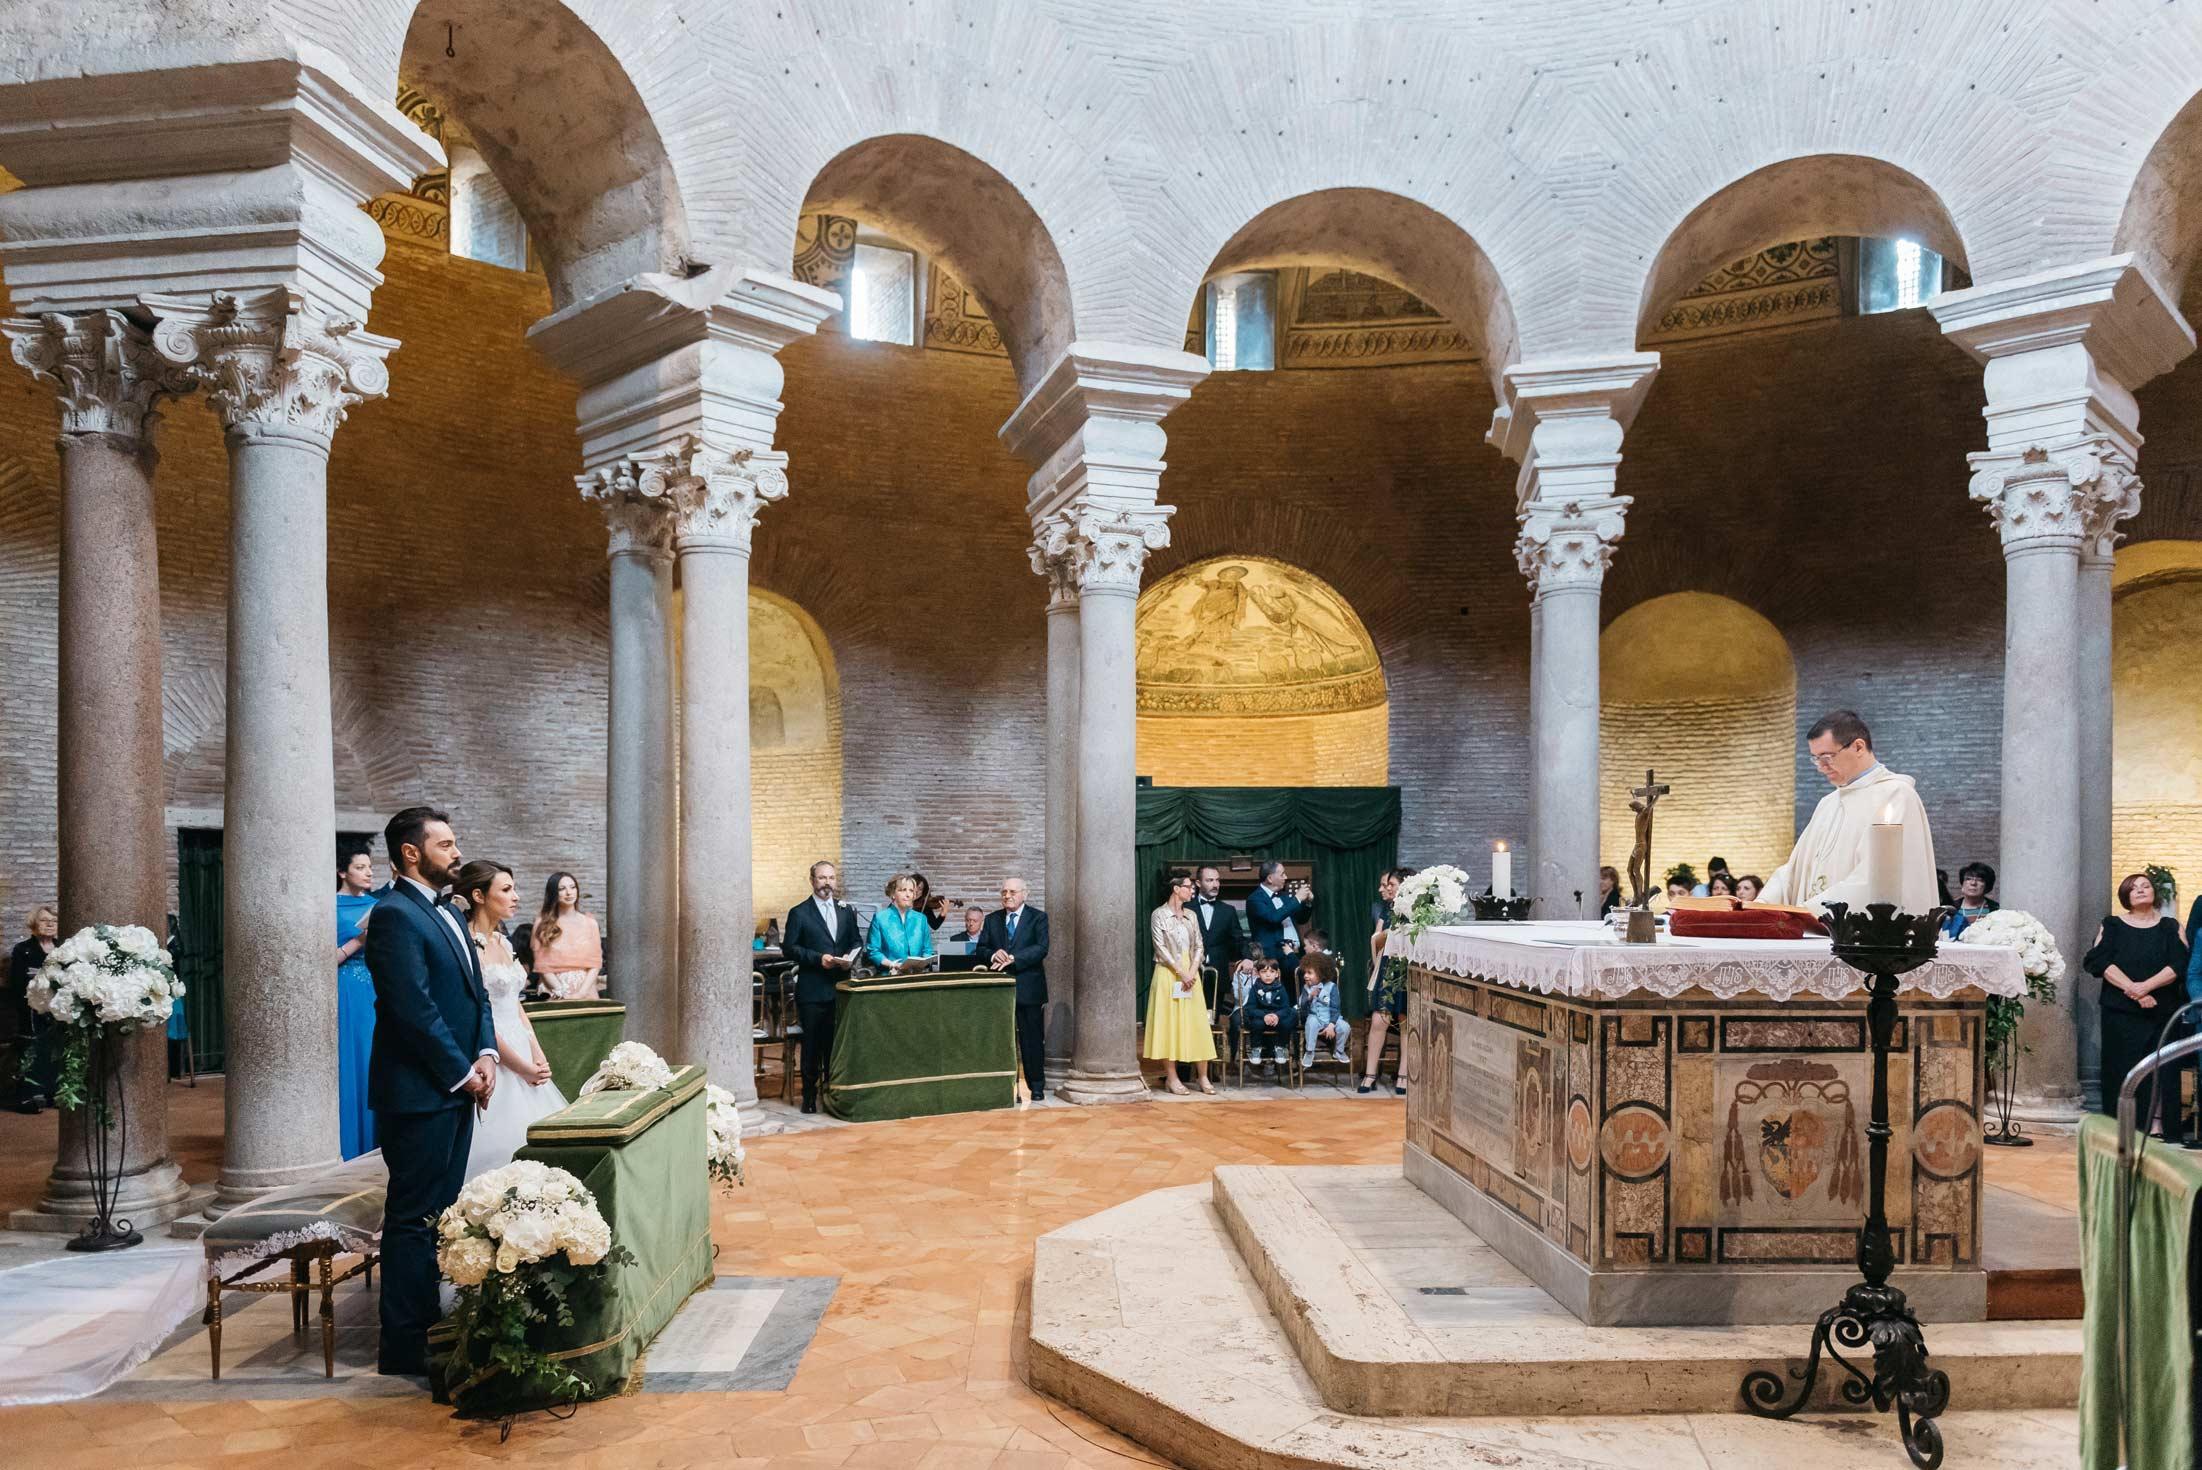 Fotografo-Di-Matrimonio-Reportage-Cerimonia-1